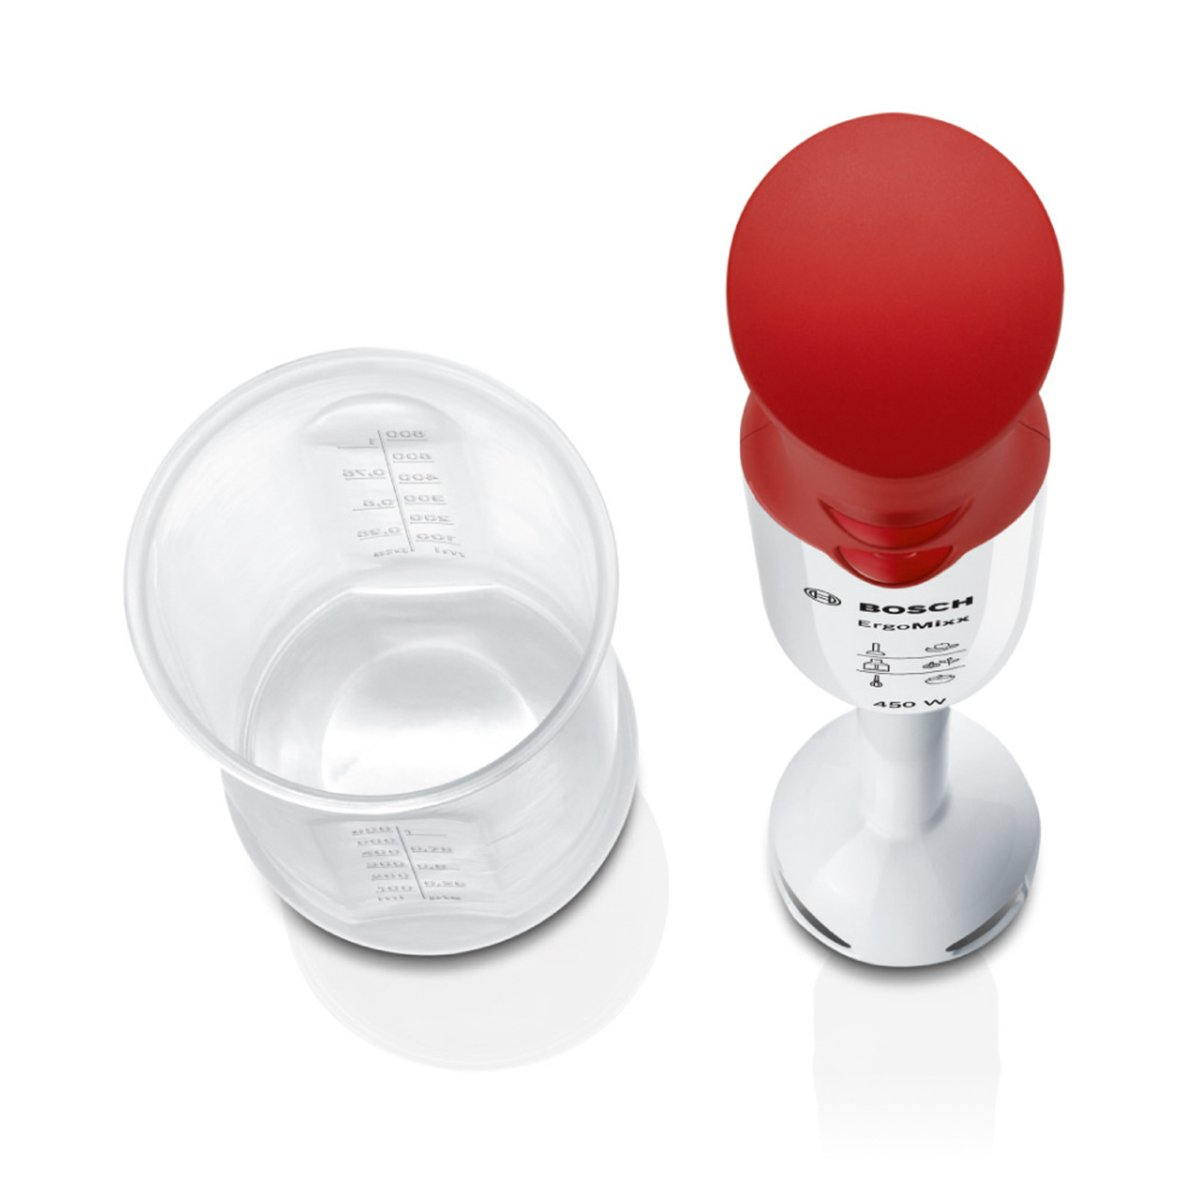 Bosch ErgoMixx MSM64010 - Batidora de mano, 450 W, velocidad Turbo, cúpula con cuatro cuchillas, con vaso de mezclas, color rojo y blanco: Amazon.es: Hogar